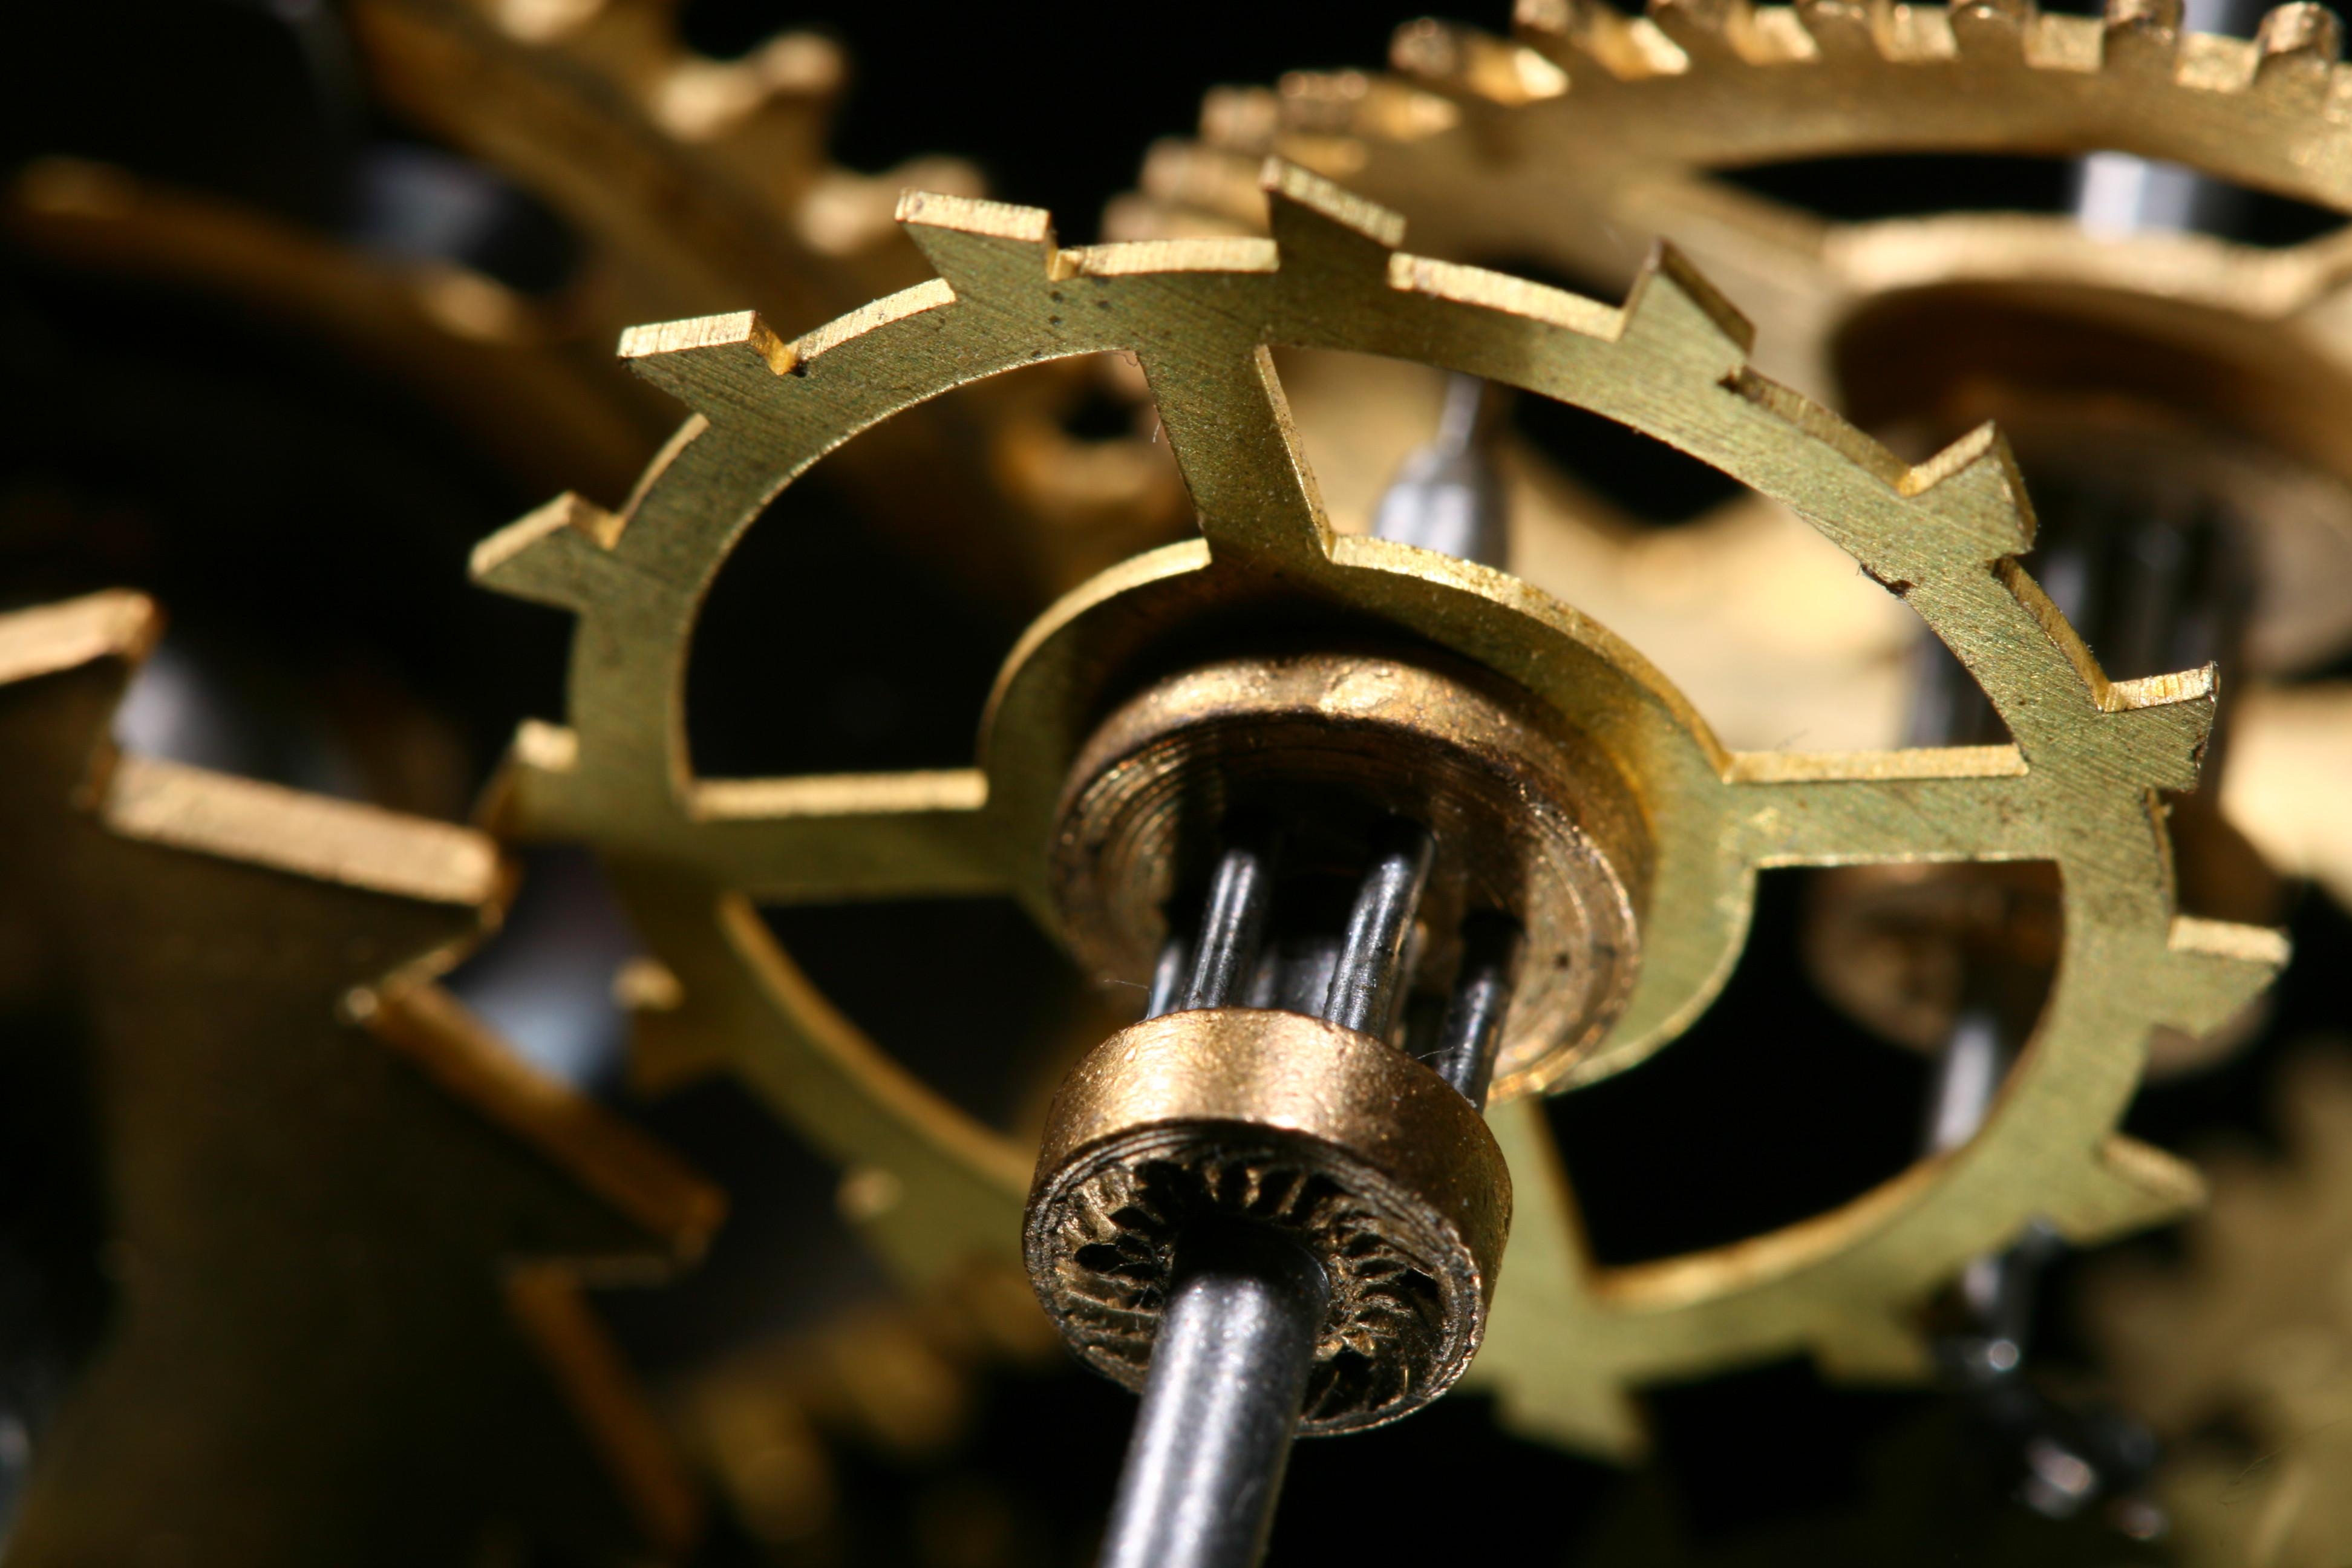 Come ridurre lo stress da usura nei componenti metallici